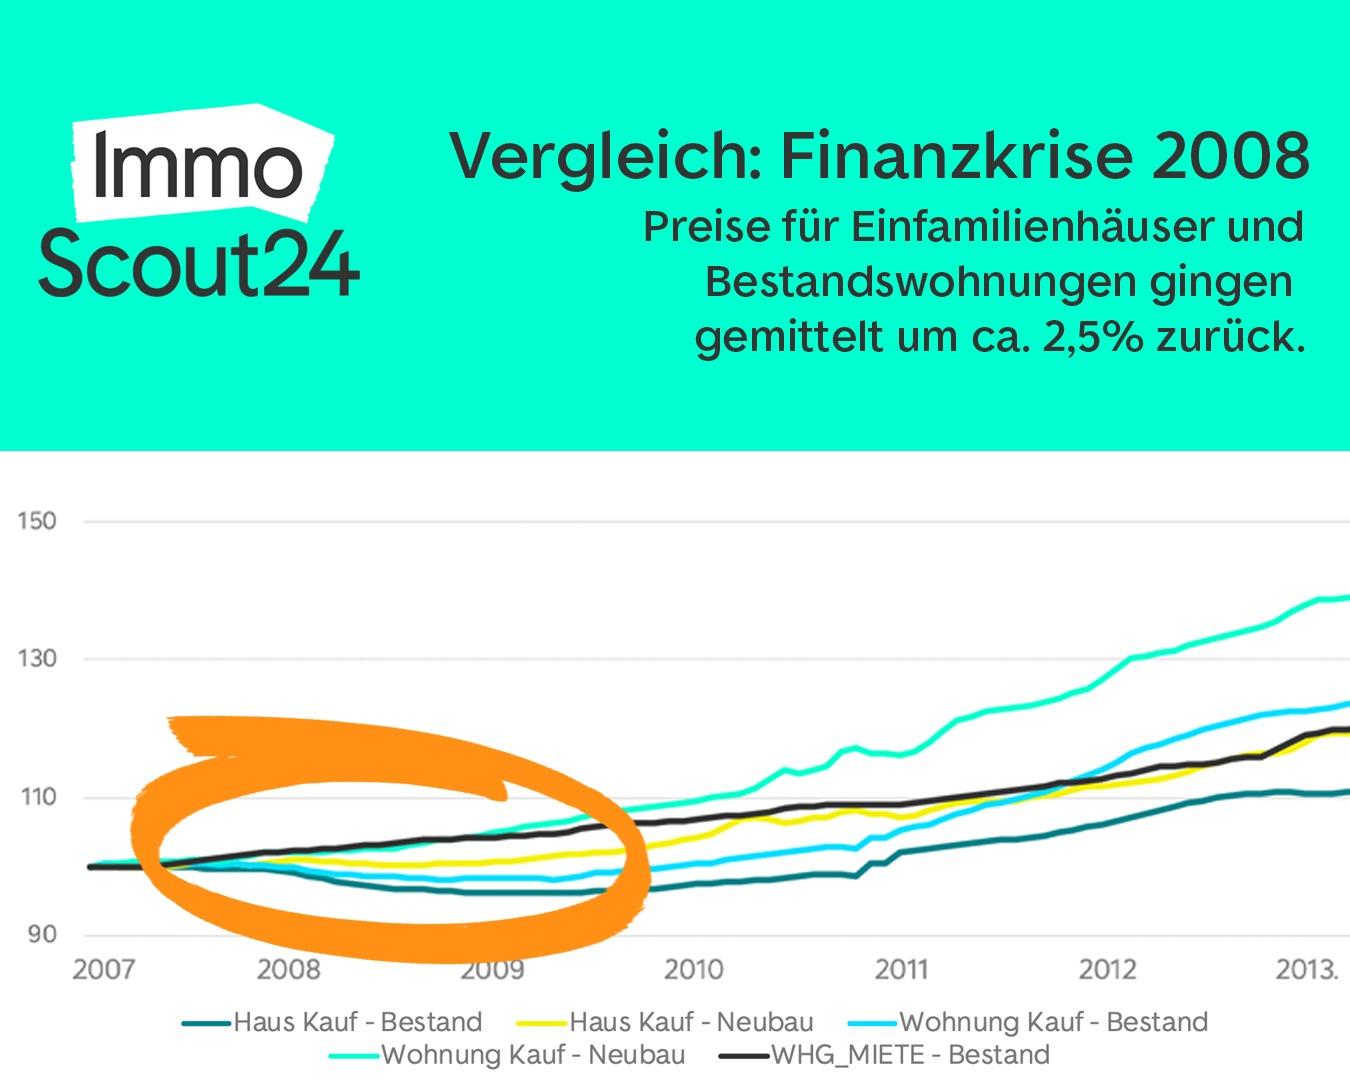 Immobilienmarkt dynamisch - Vergleich Finanzkrise